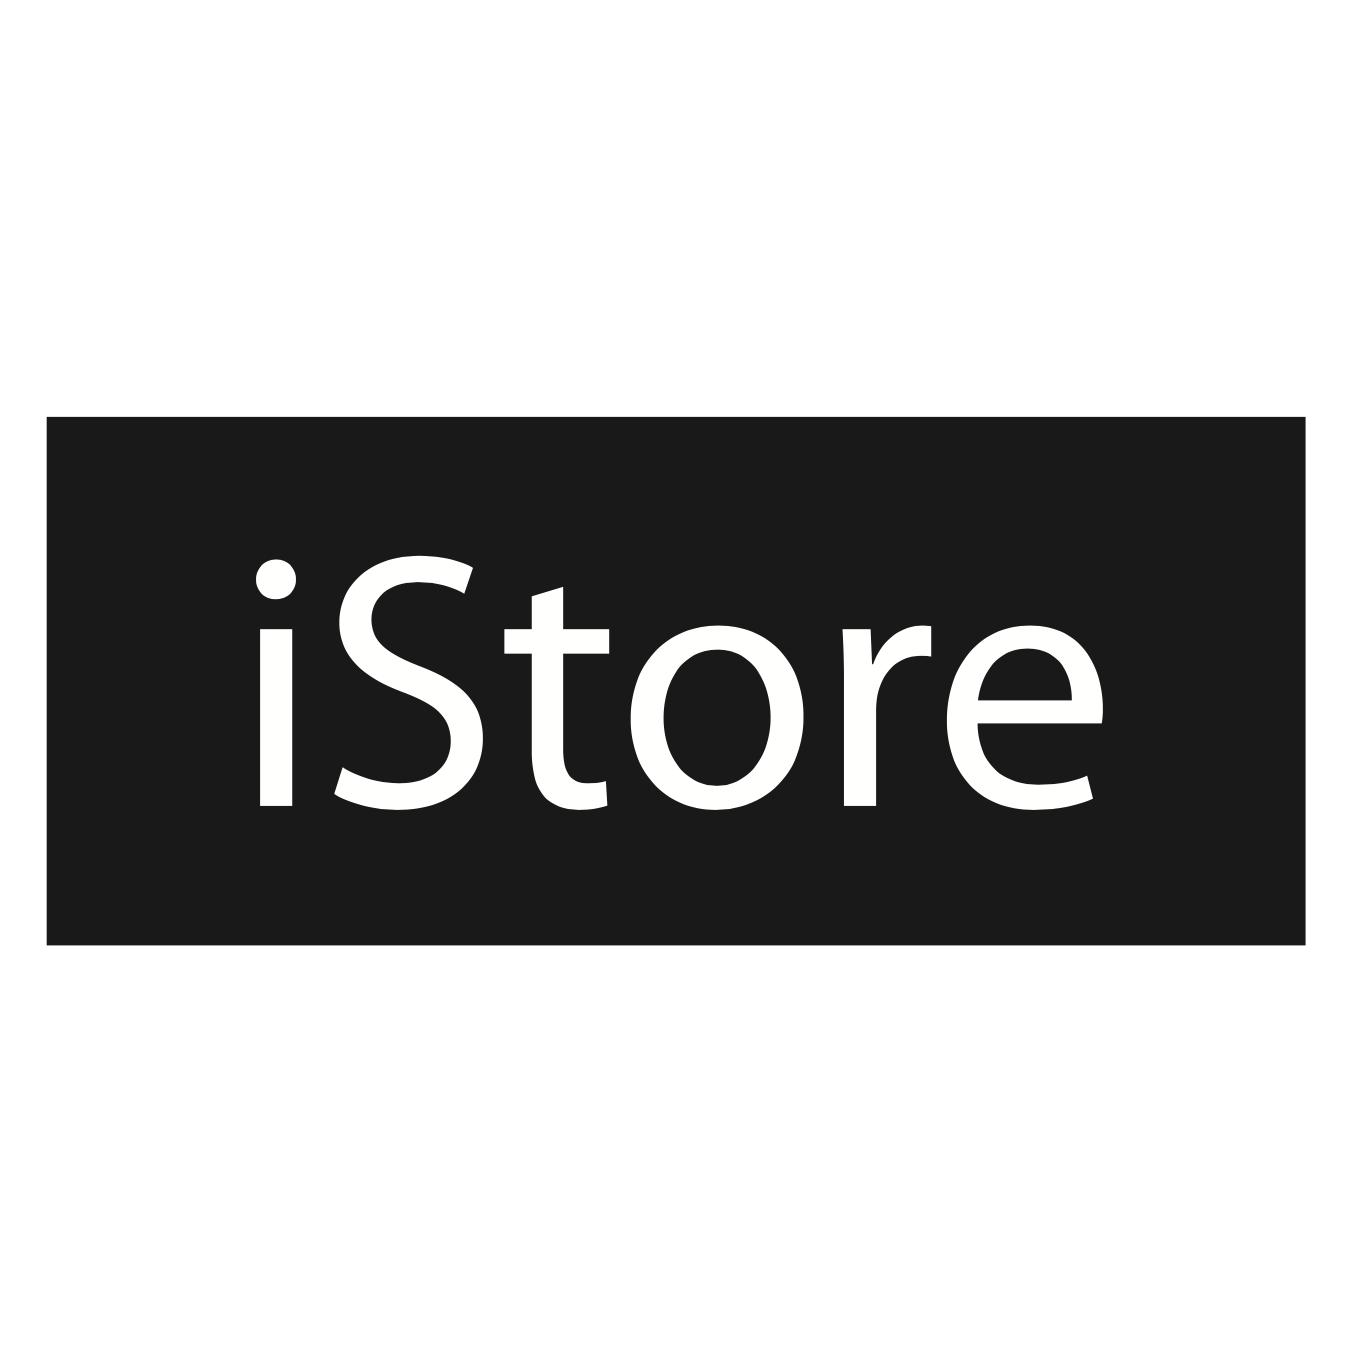 iPhone 7 Plus Silicone Case - Azure